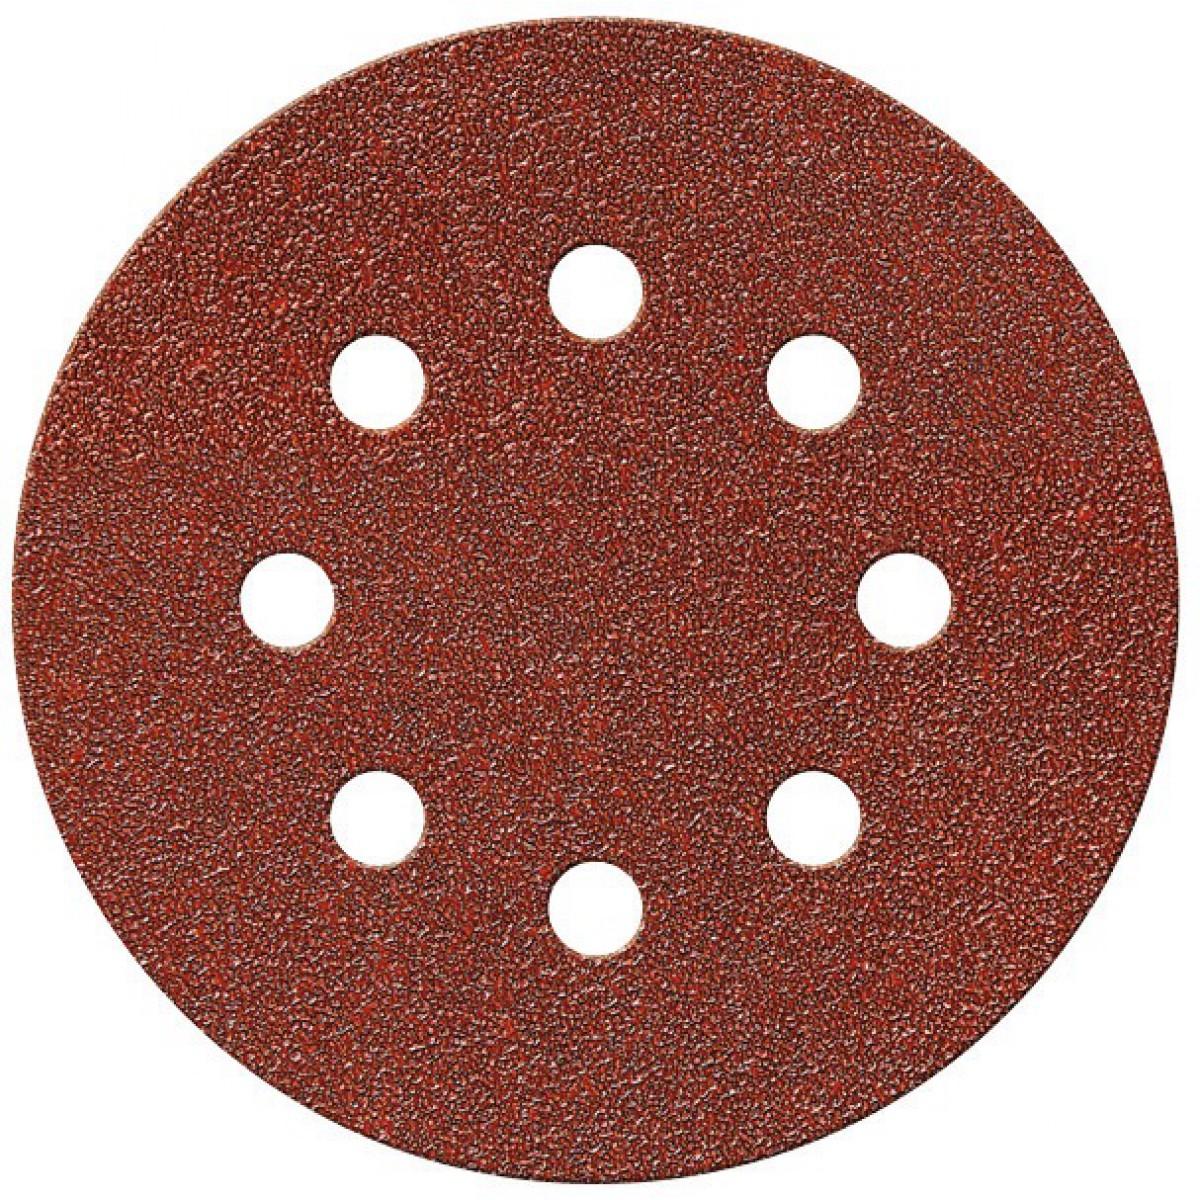 Disque auto-agrippant SCID - 8 trous - Grain 320 - Diamètre 125 mm - Vendu par 5